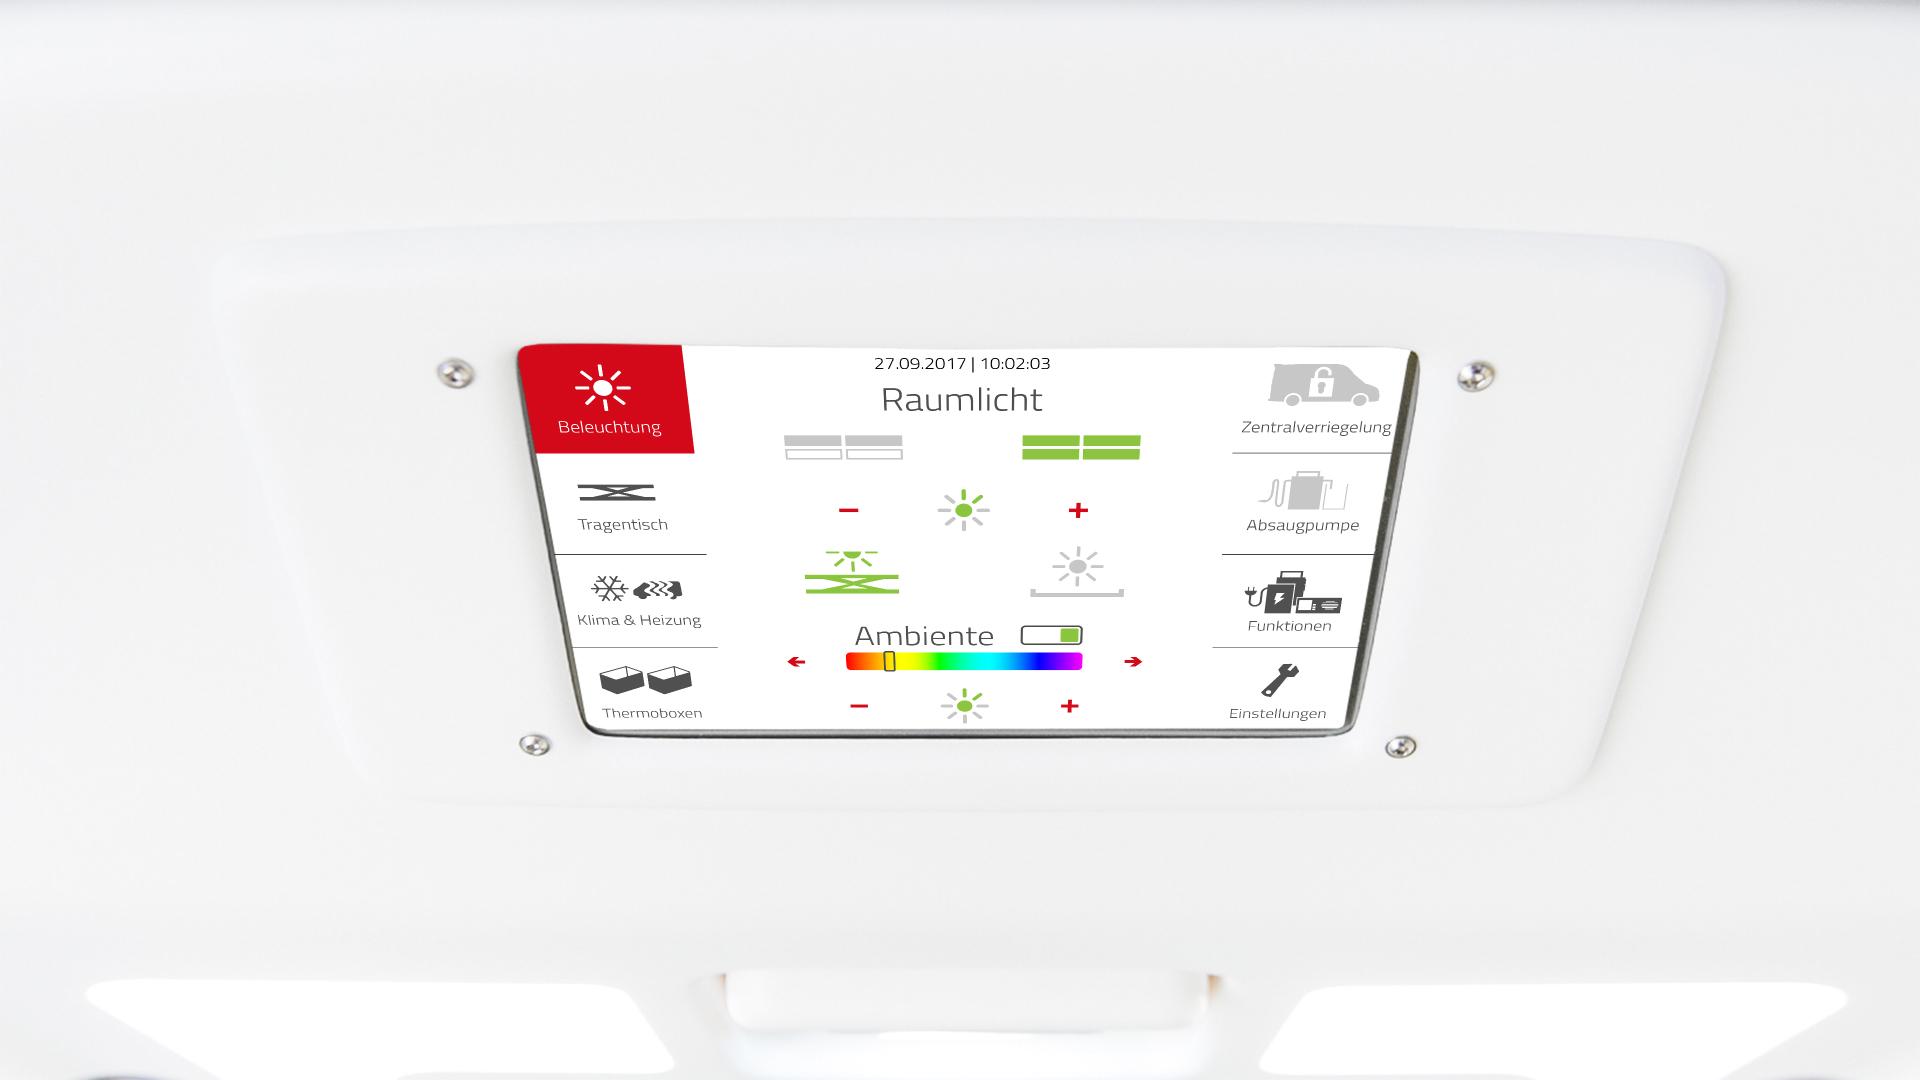 Touchdisplay, inomatic GmbH, Touch-Display, CAN-Bus Touchdisplay, Anezigedisplay, Touchdisplay 7Zoll, Bedienteil, Schalterleiste, Bedienelement, CAn Bus Tastatur